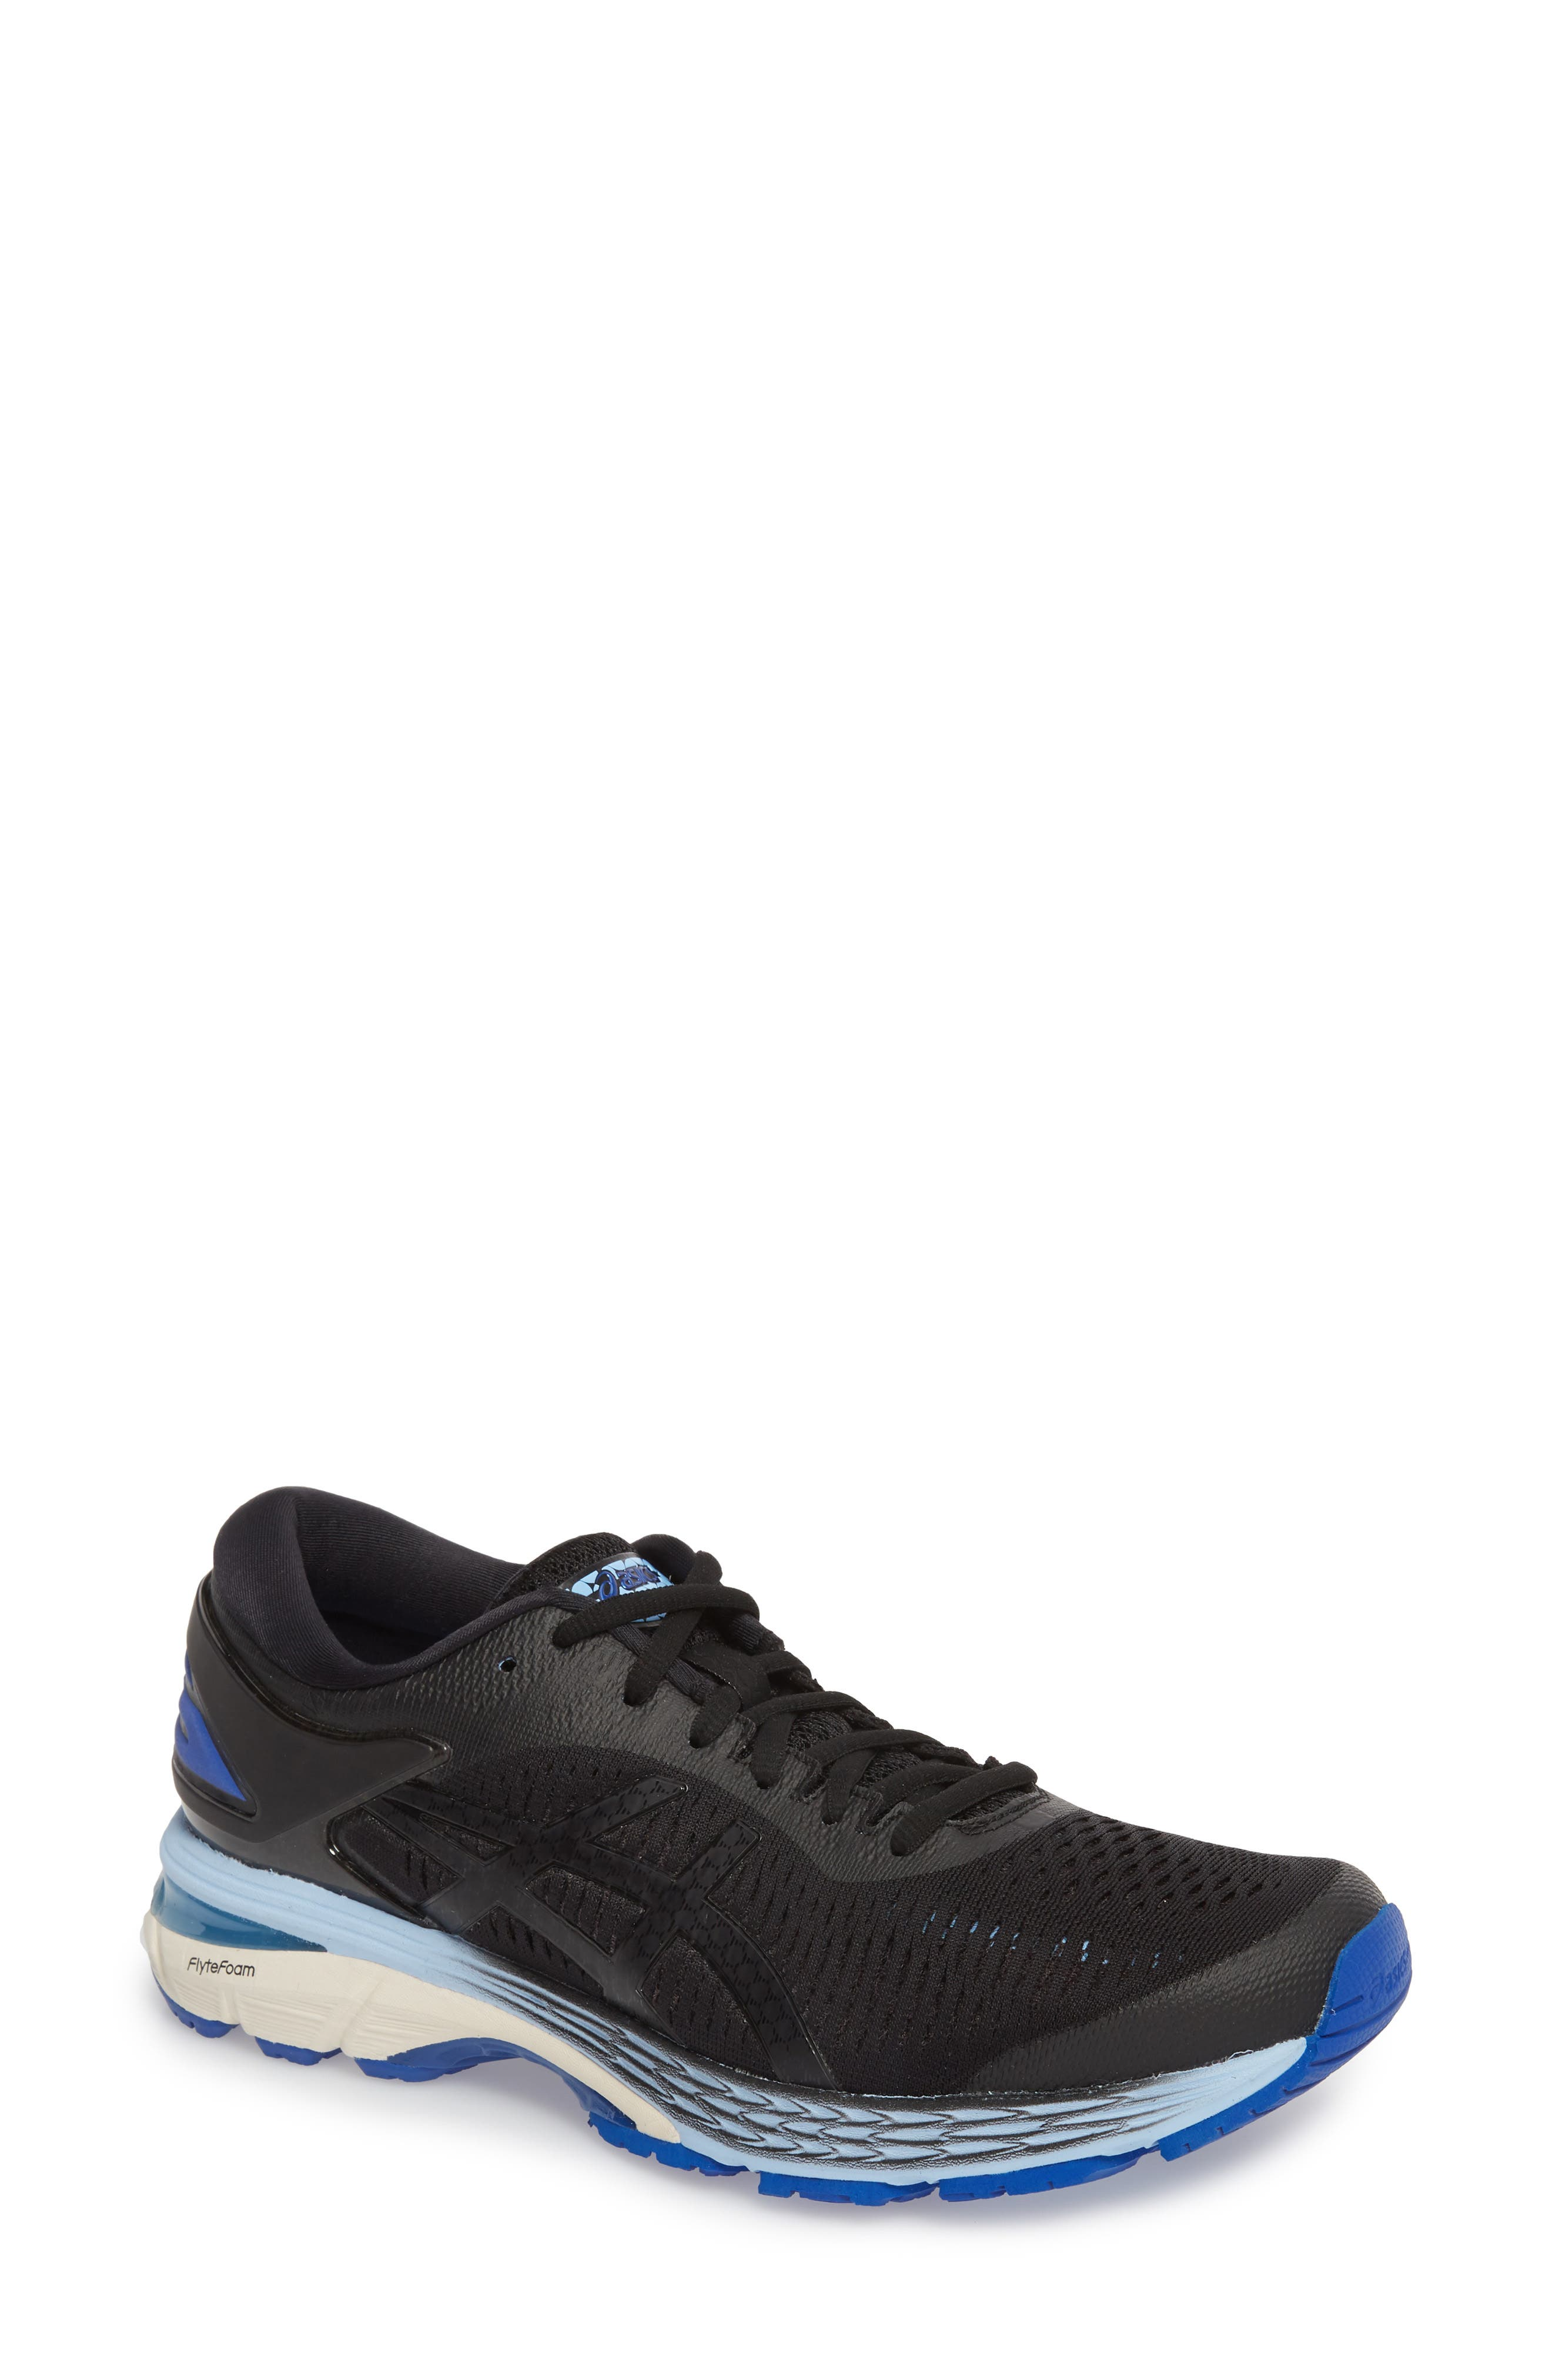 Asics Gel-Kayano 25 Running Shoe B - Black